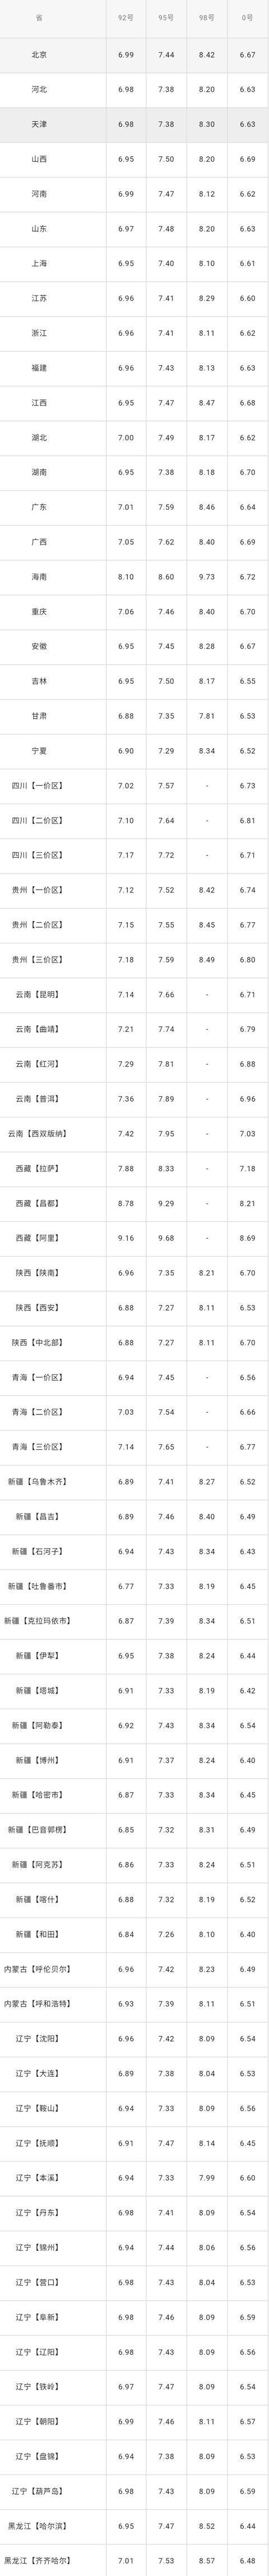 全国油价调整信息:1月8日调整后:全国92、95号汽油价格表!